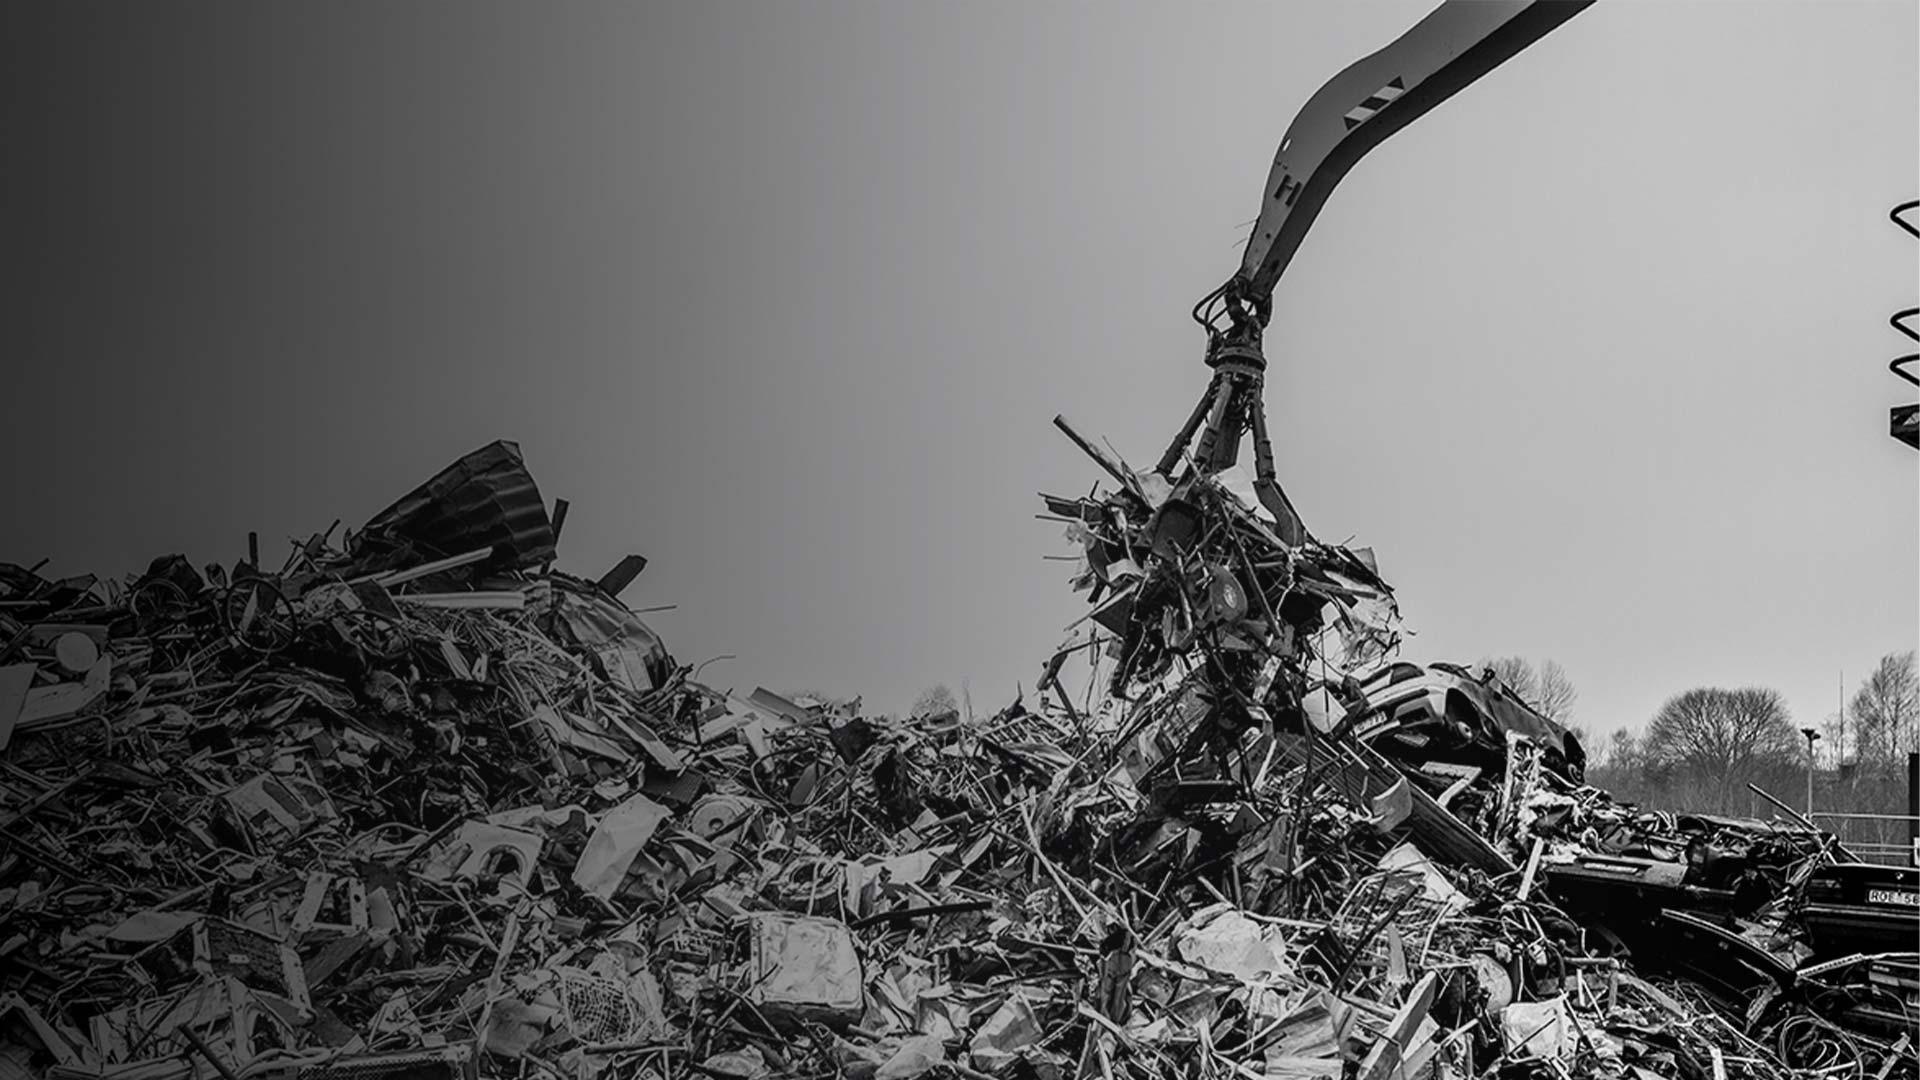 Equipos de demolición y reciclaje de Hardox® In My Body